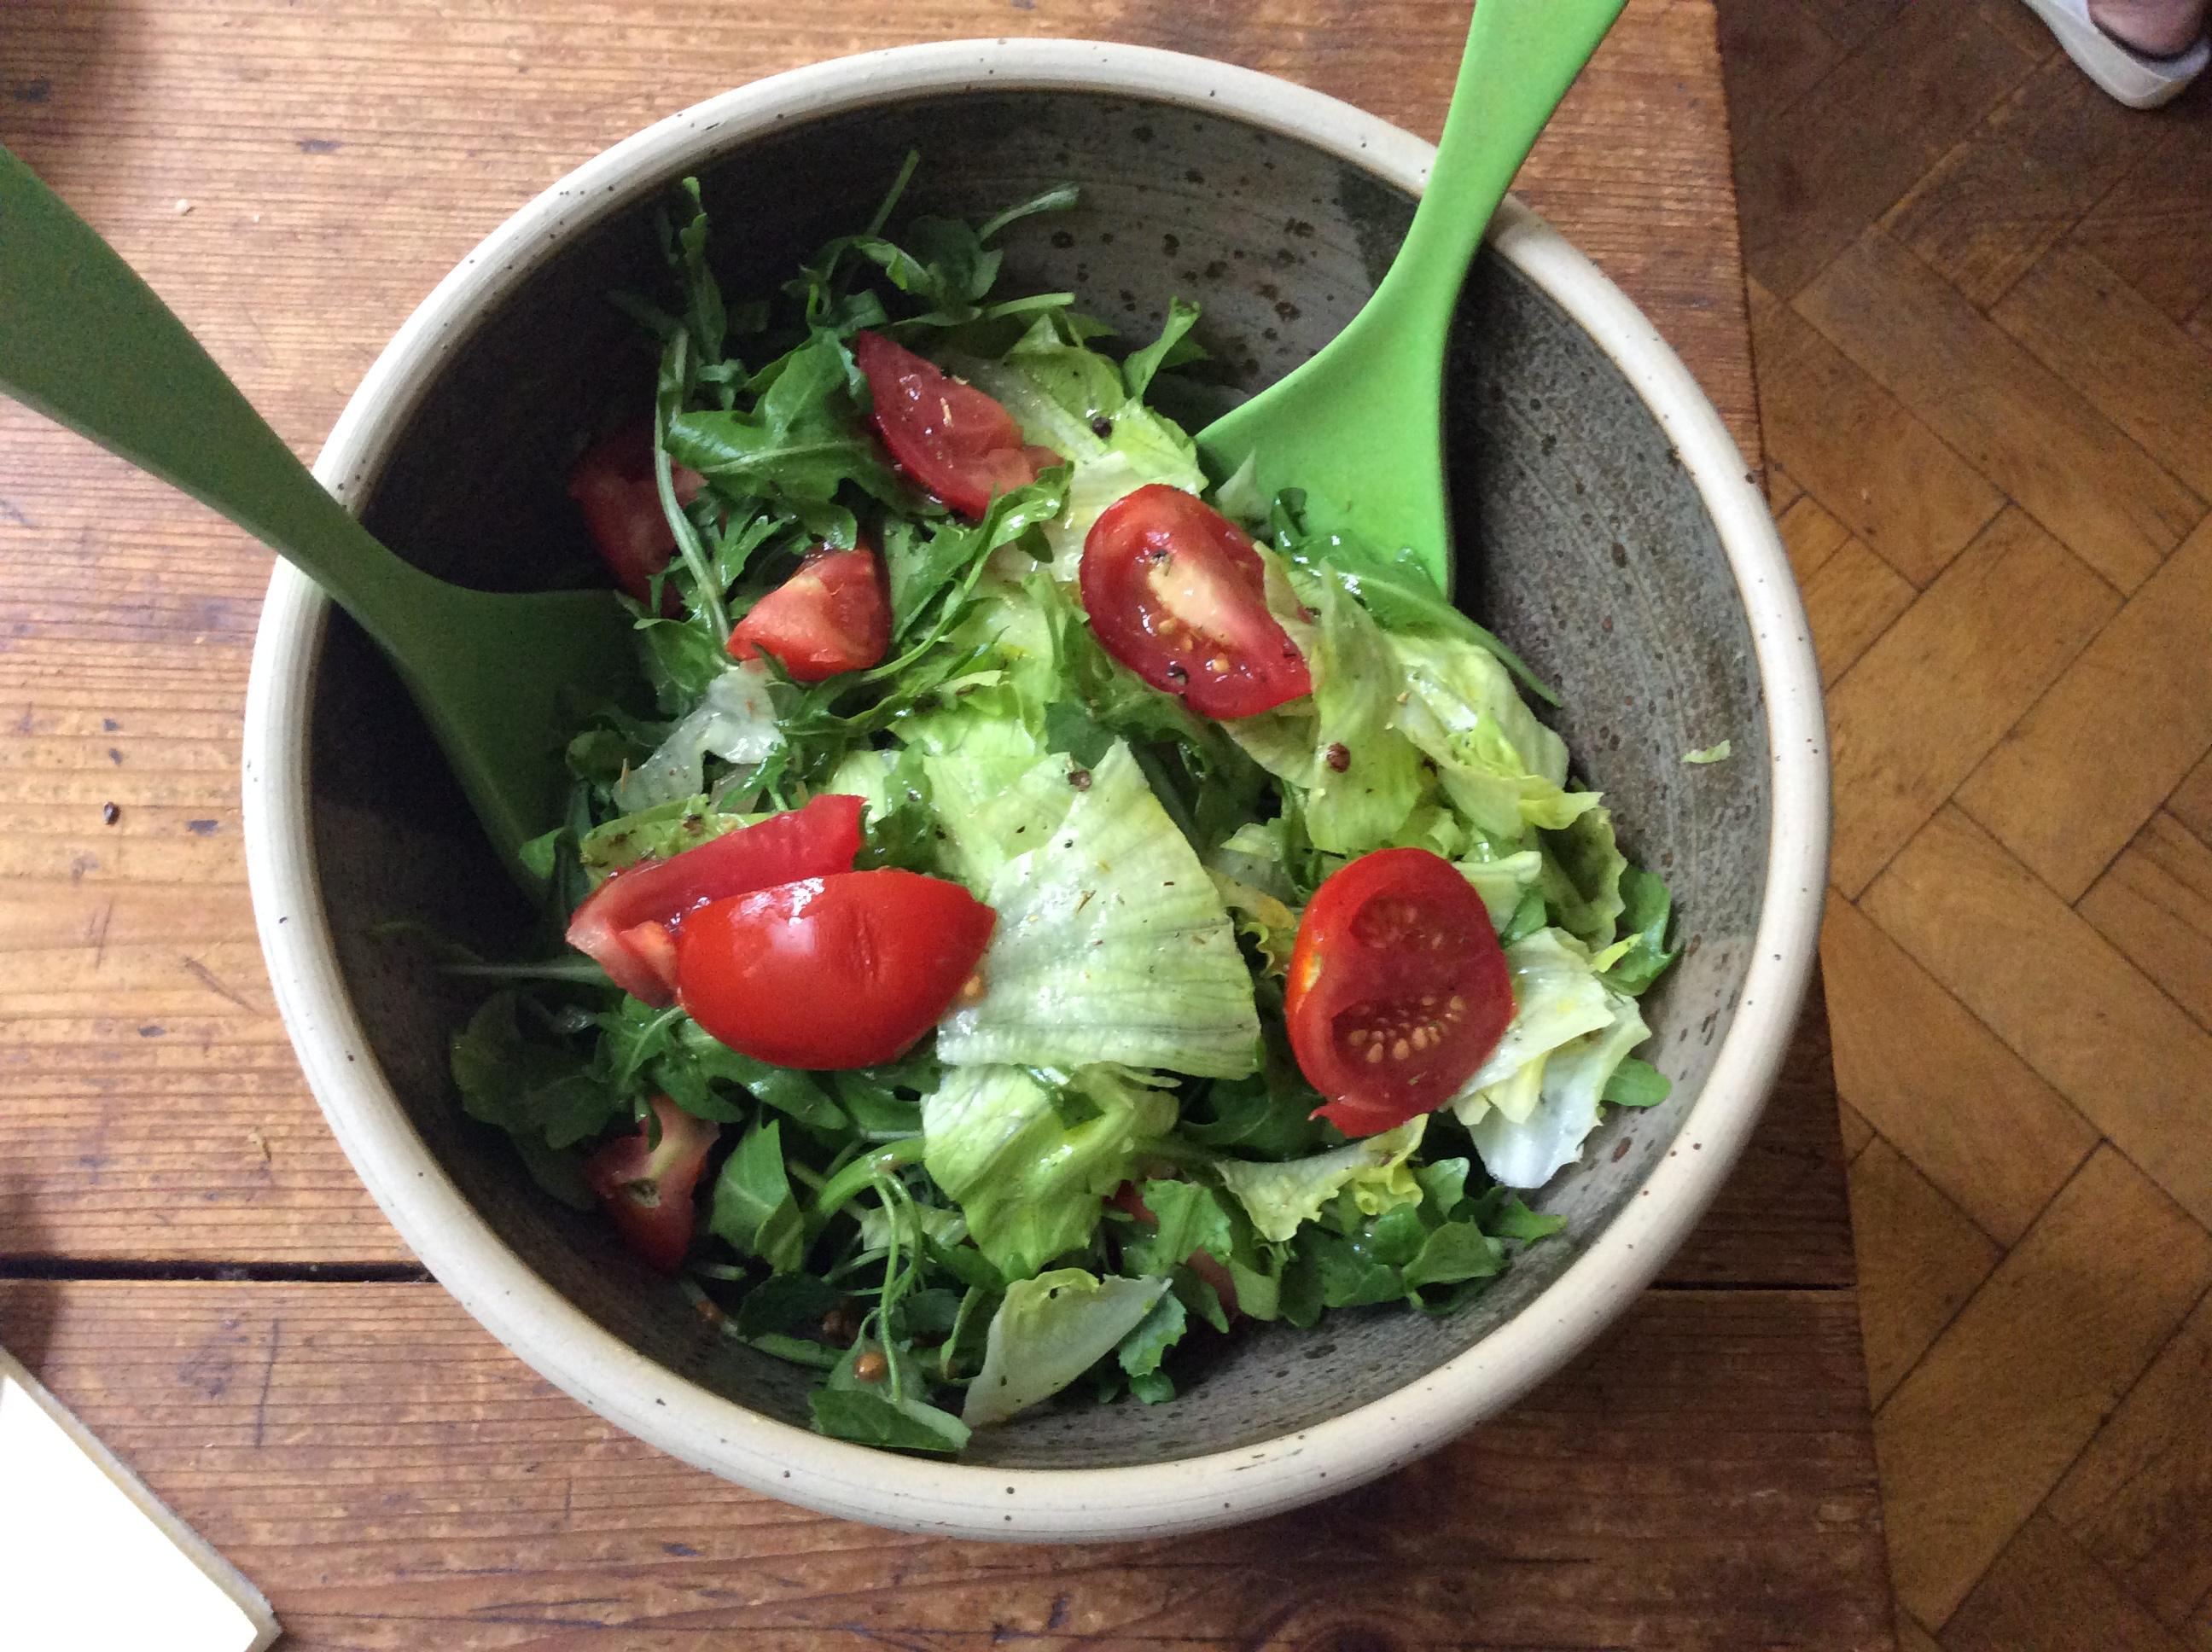 Lachs,Bratkartoffel,Salat. - 28.8.15   (5)